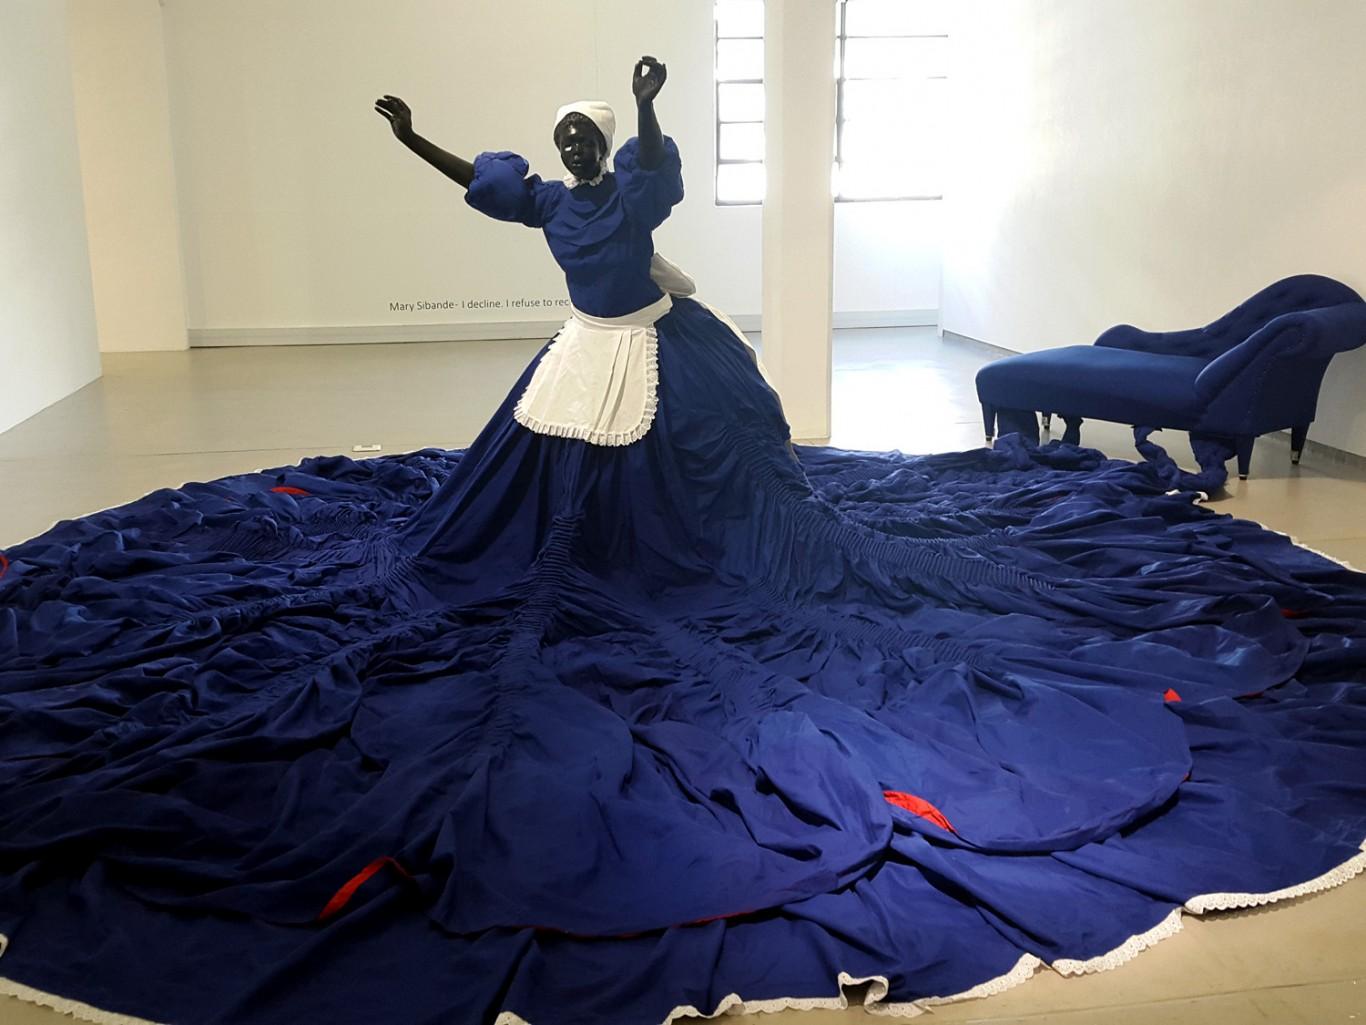 Mary Sibande at Gallery MOMO